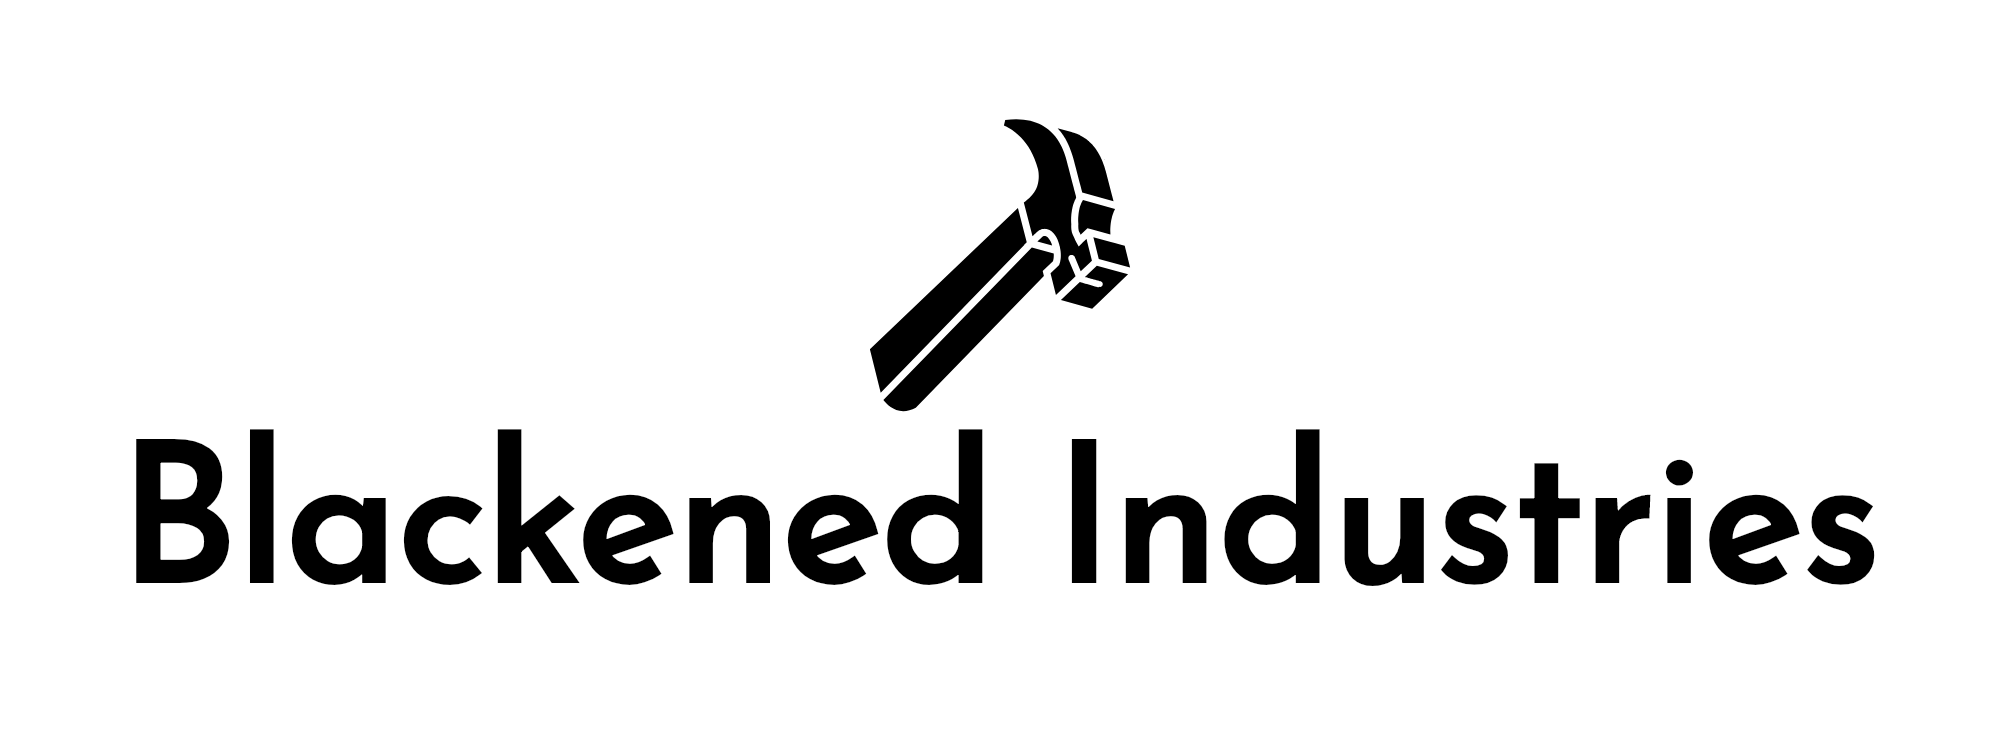 Blackened Industries-logo-black.png